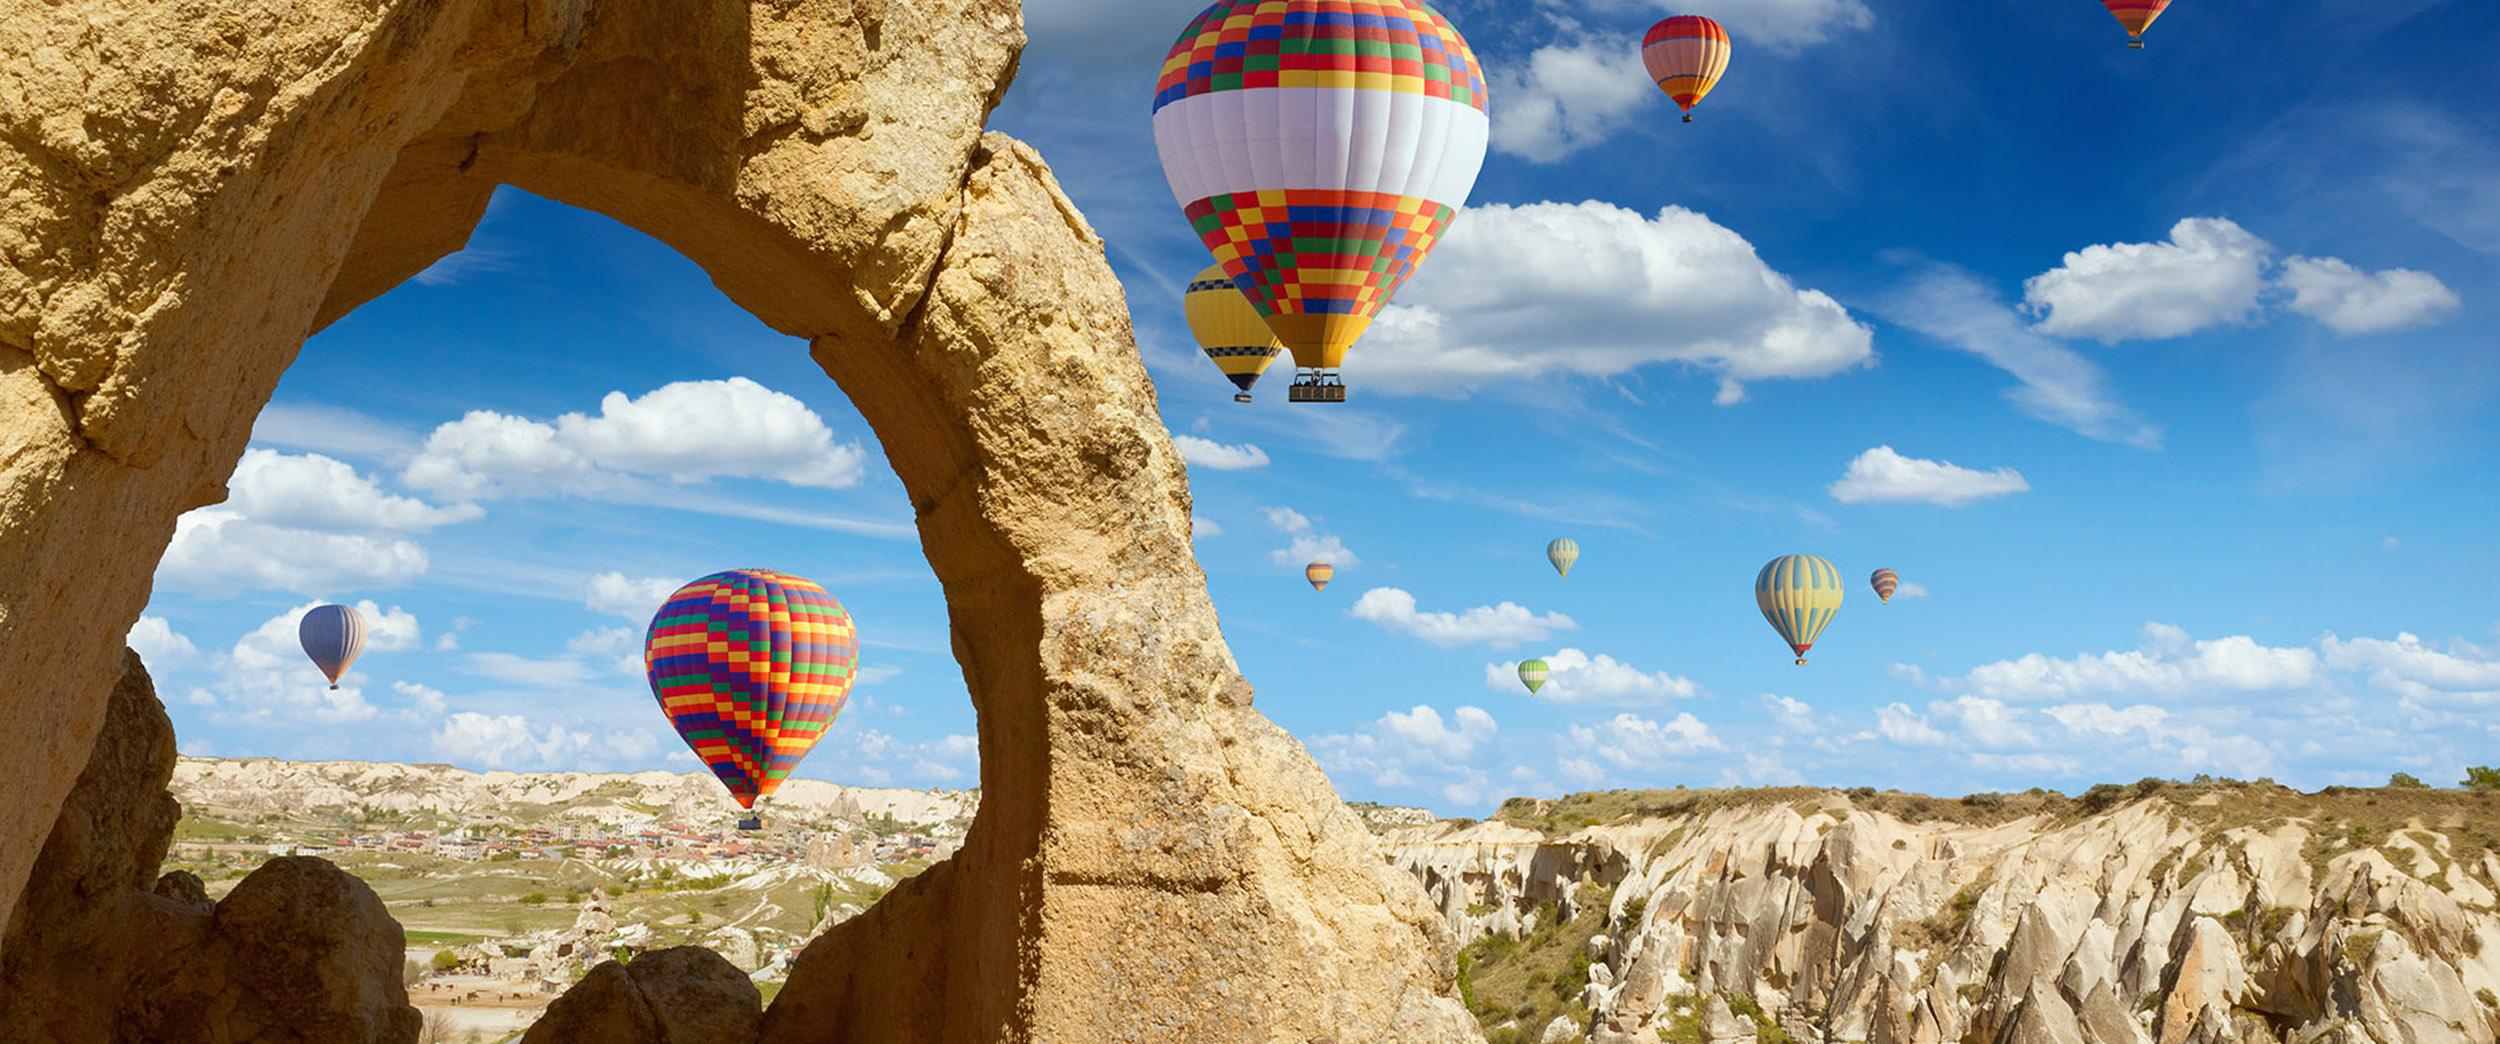 ۱۰ حقیقت جالب درباره شهر سنگی کاپادوکیا ترکیه